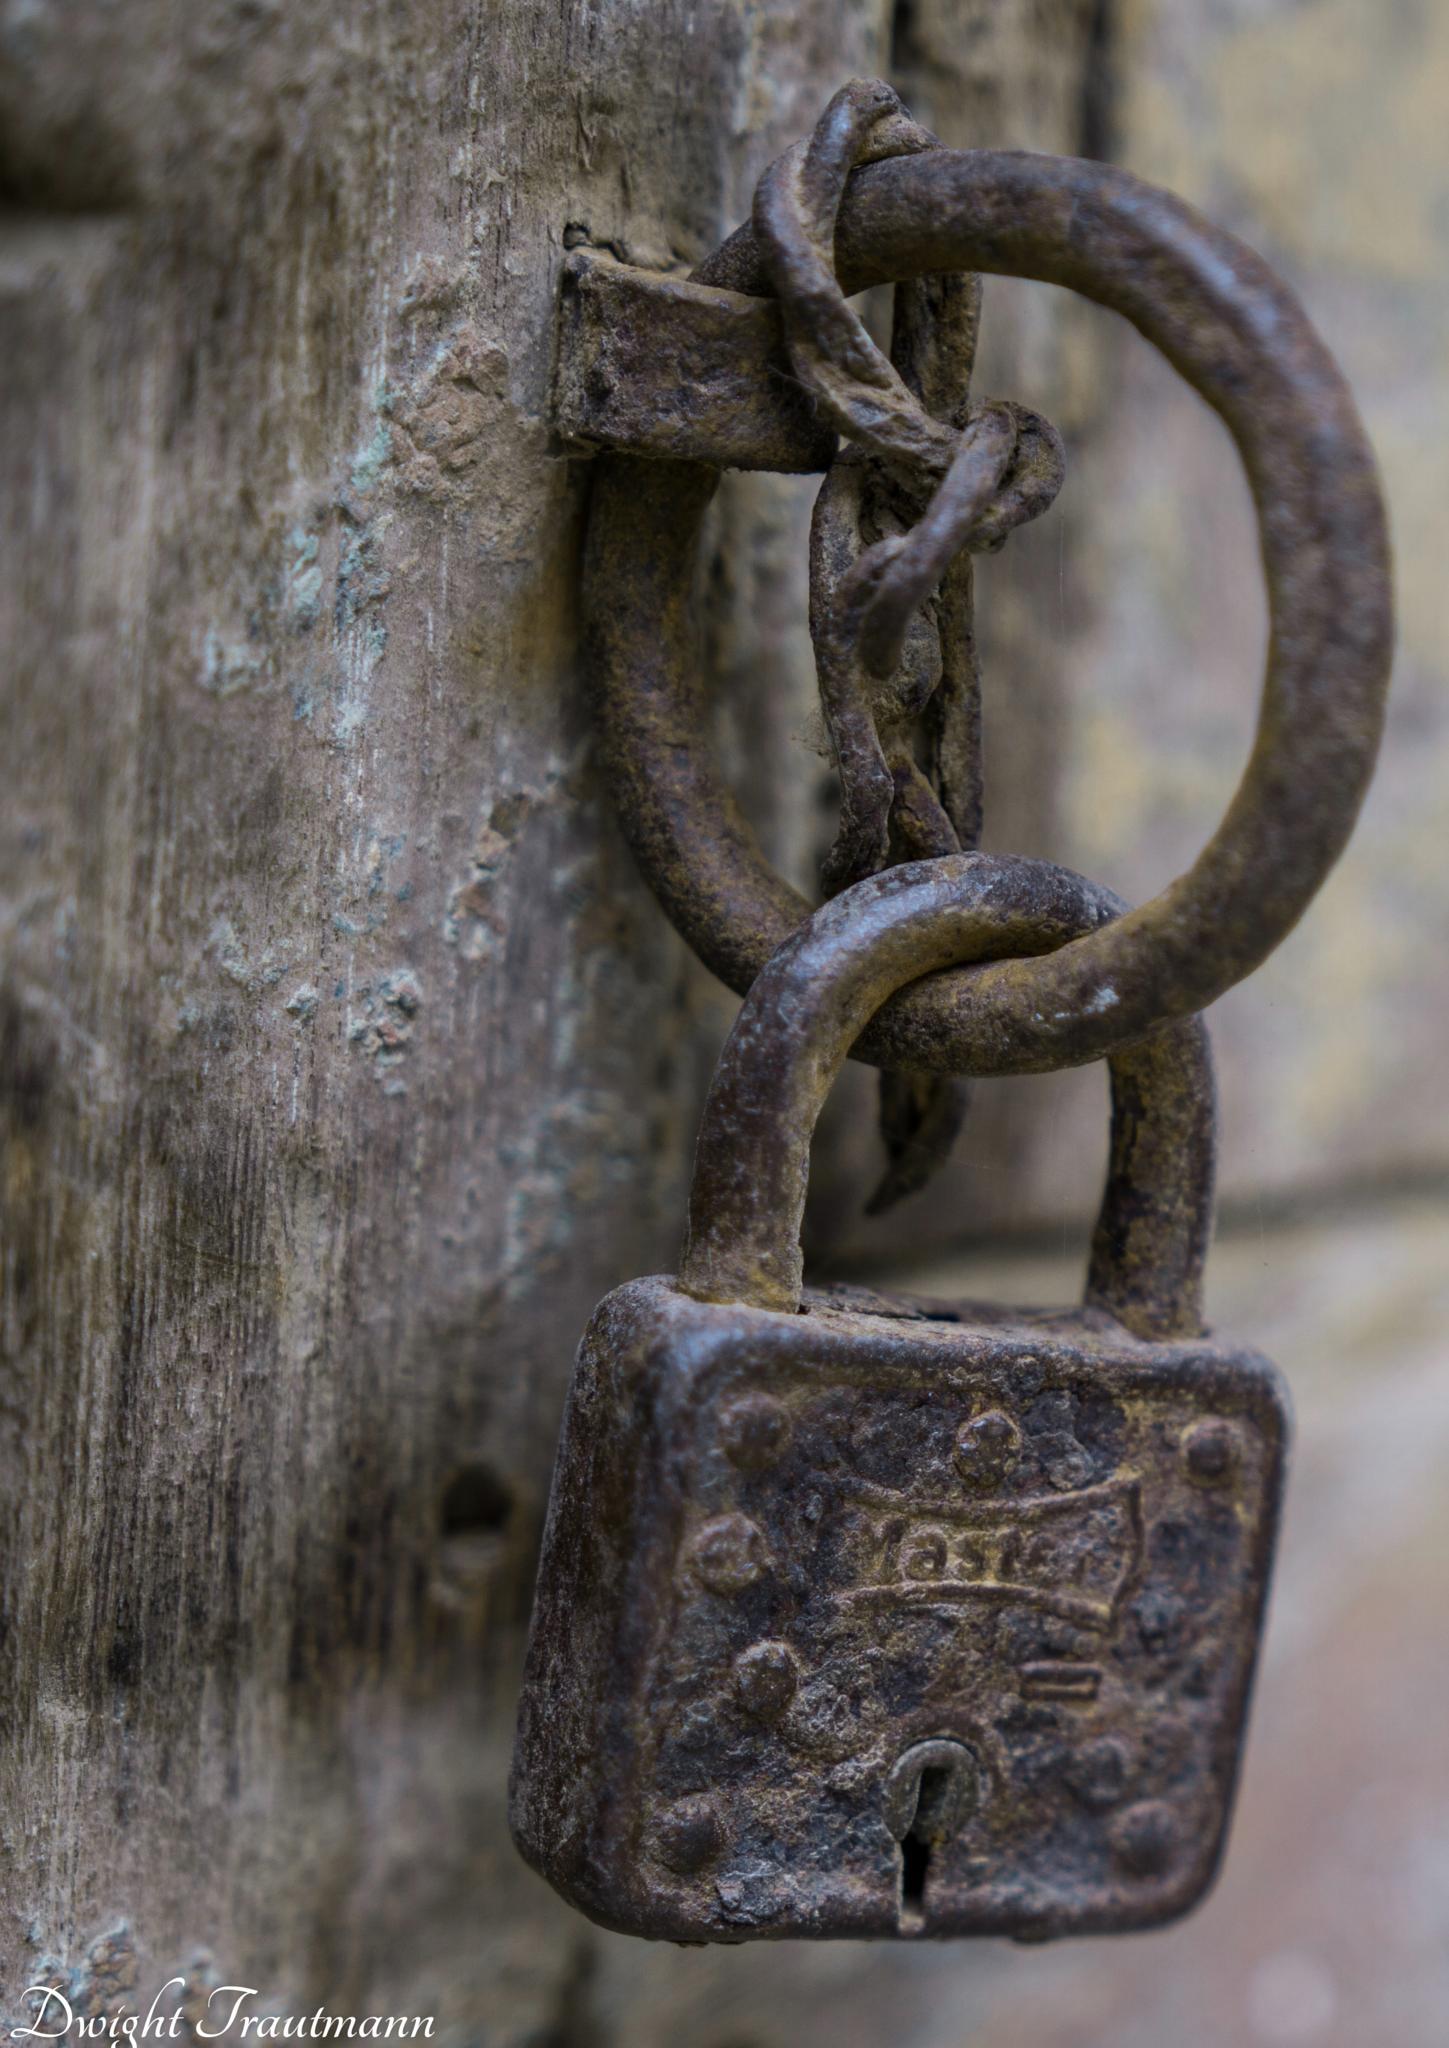 Rusty Lock by Dwight